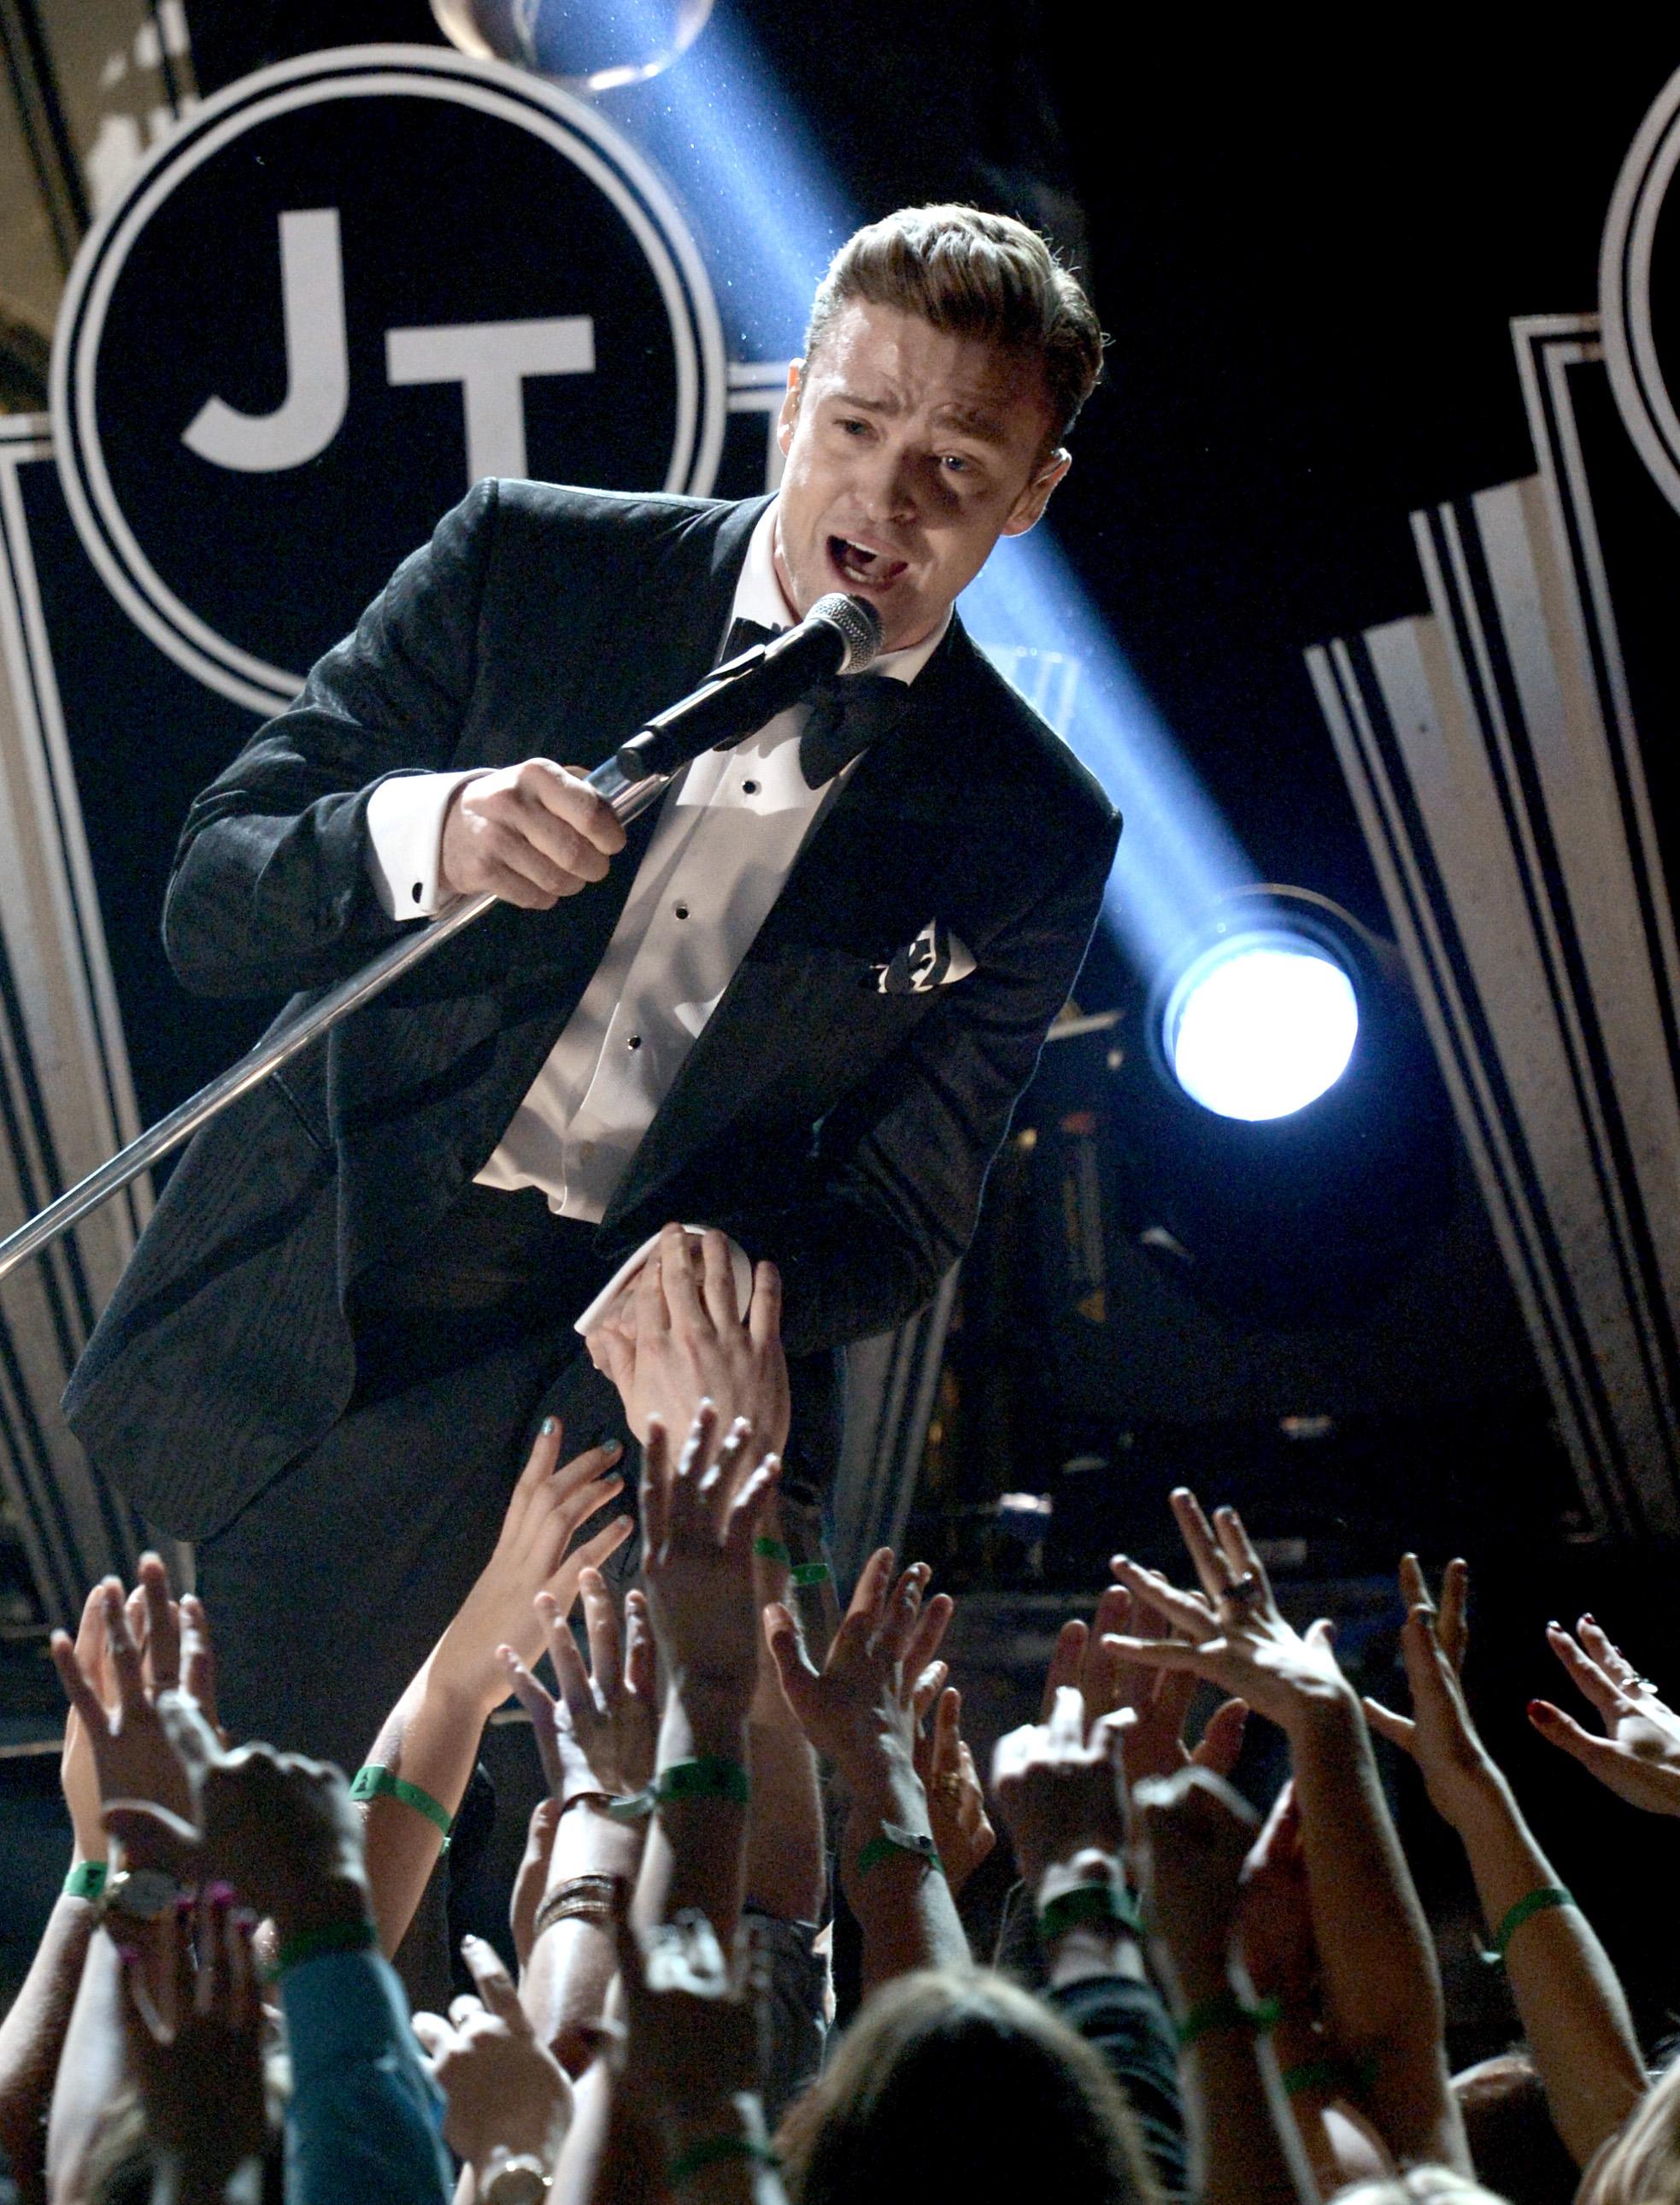 Justin Timberlake sang to the audi